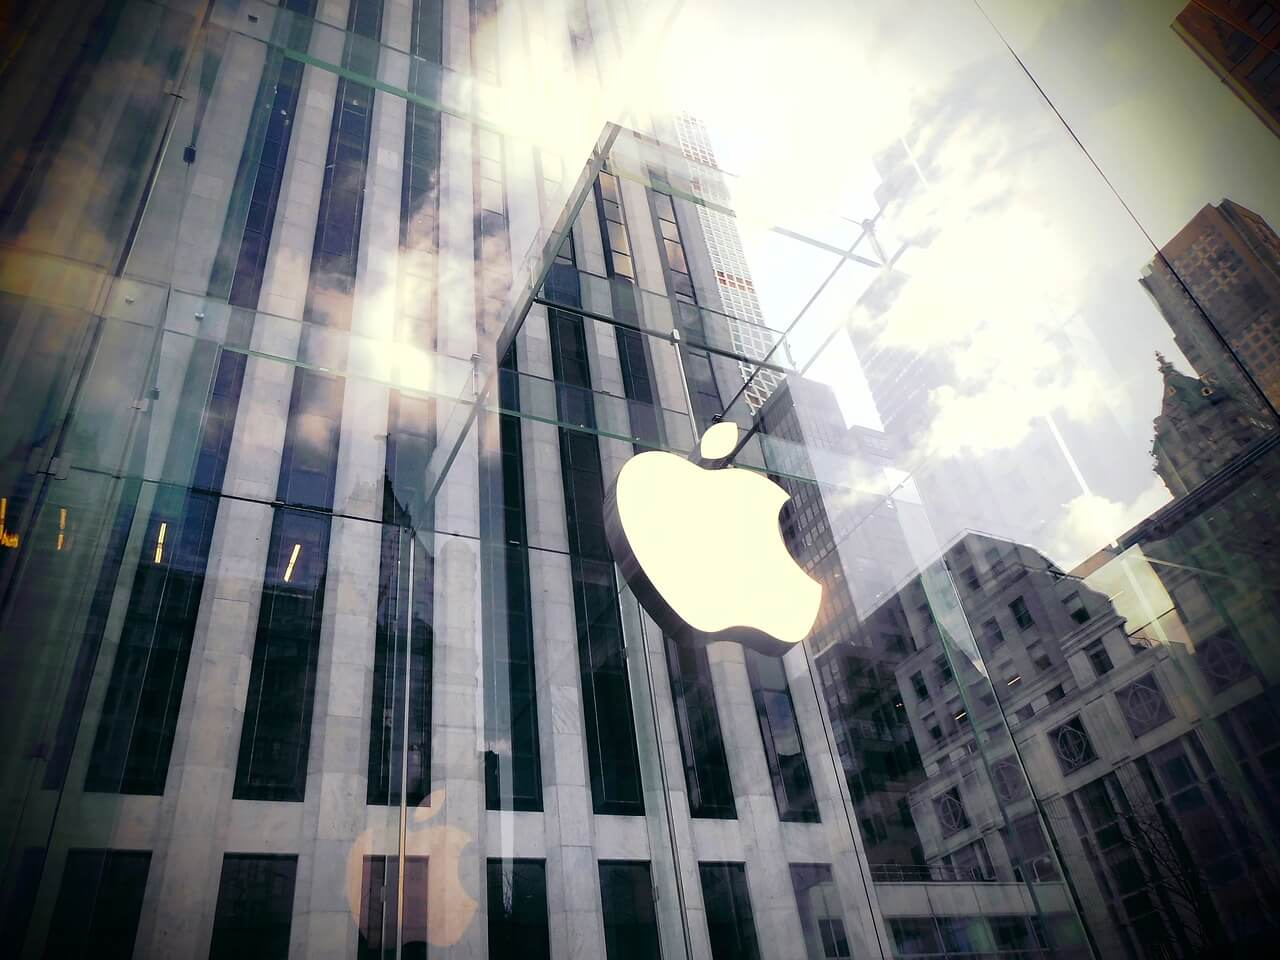 Ilustrační foto: Obchod firmy Apple v New Yorku. Zdroj: pixabay.com